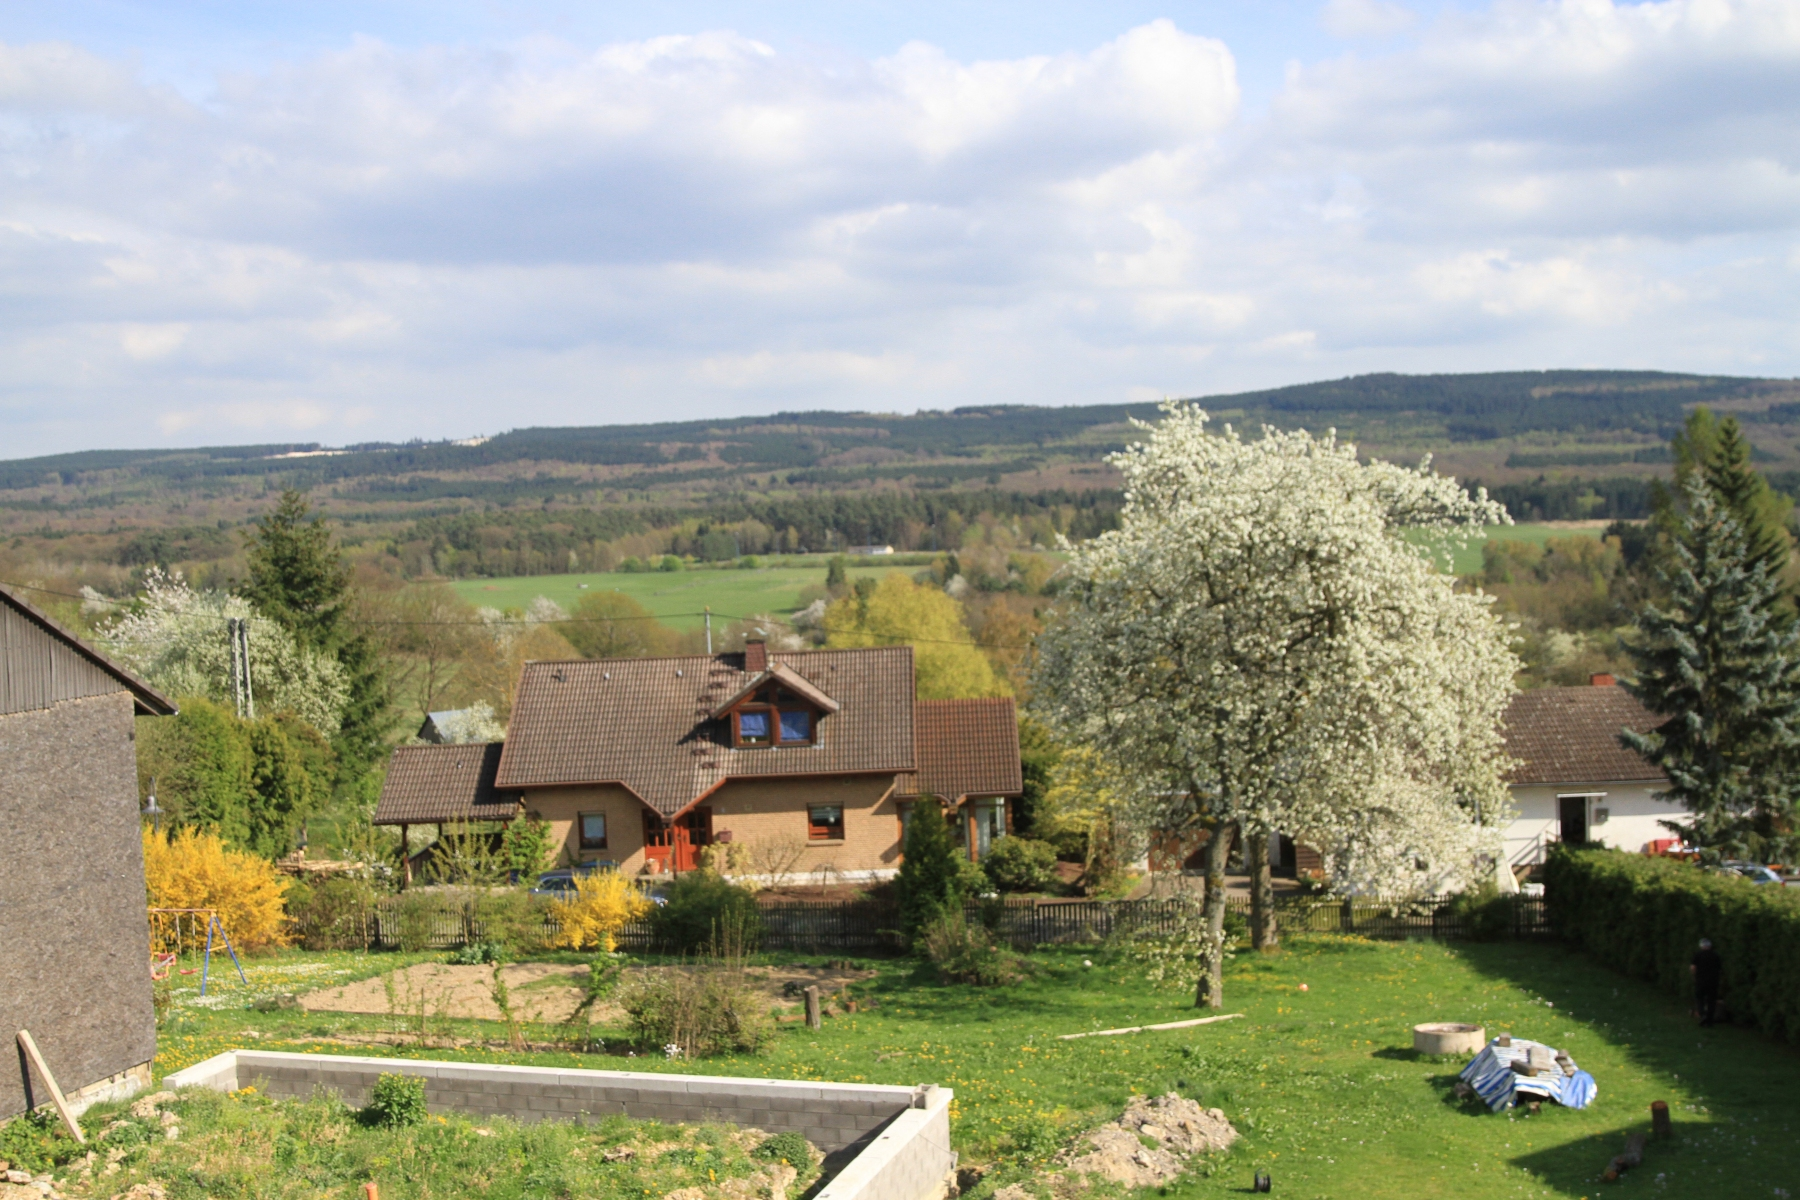 Dorfwiese-MGR